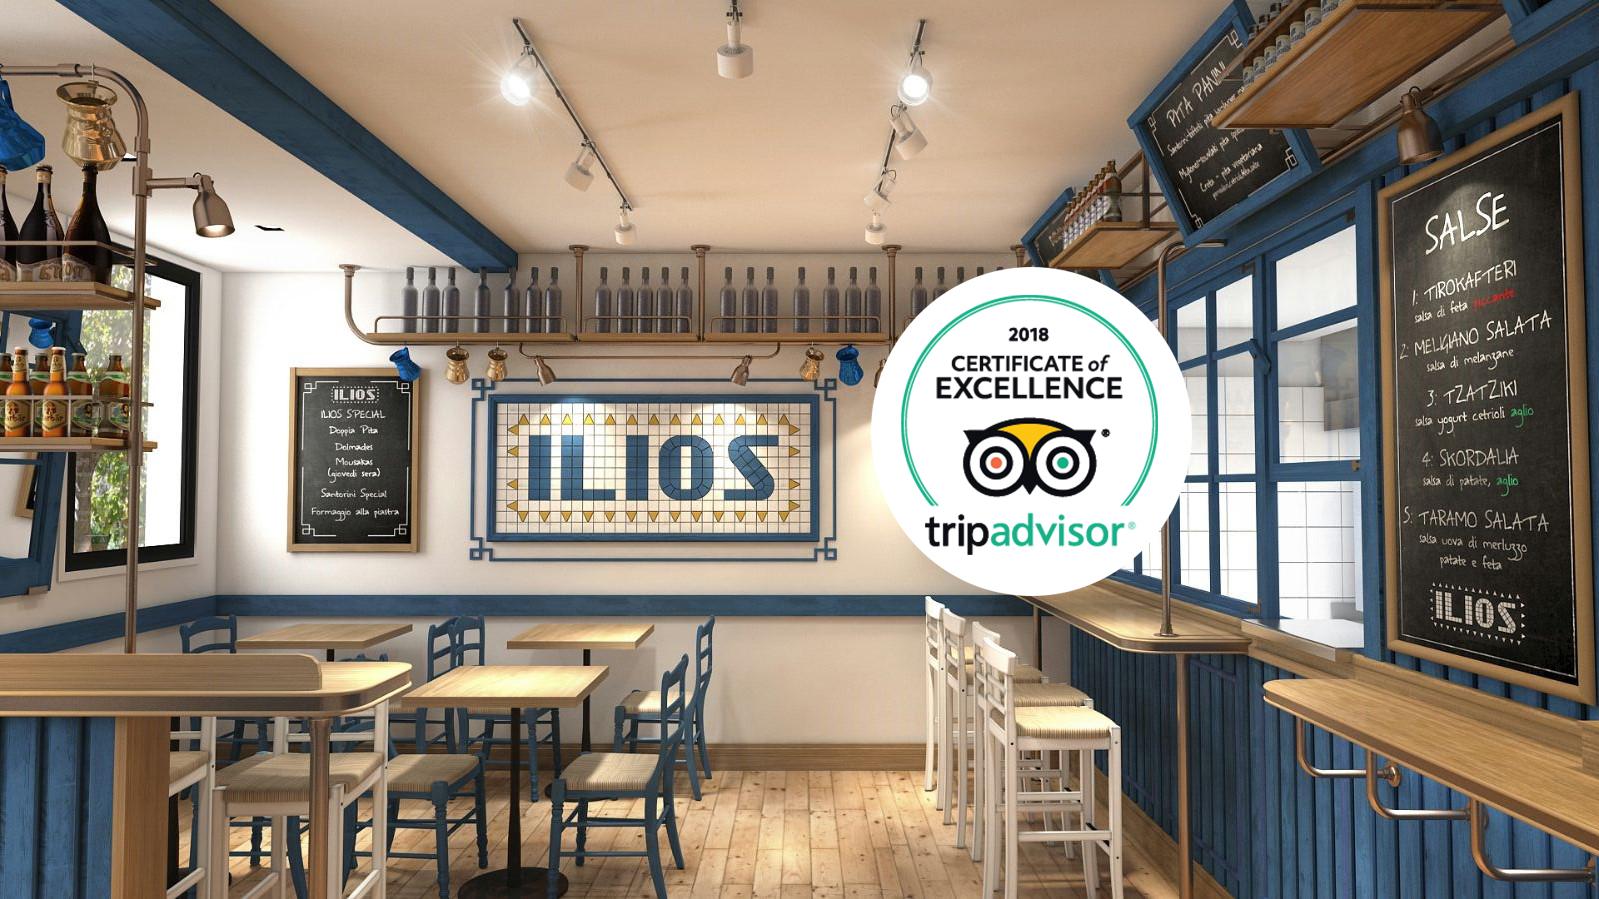 home_ilios ristorante roma_2018